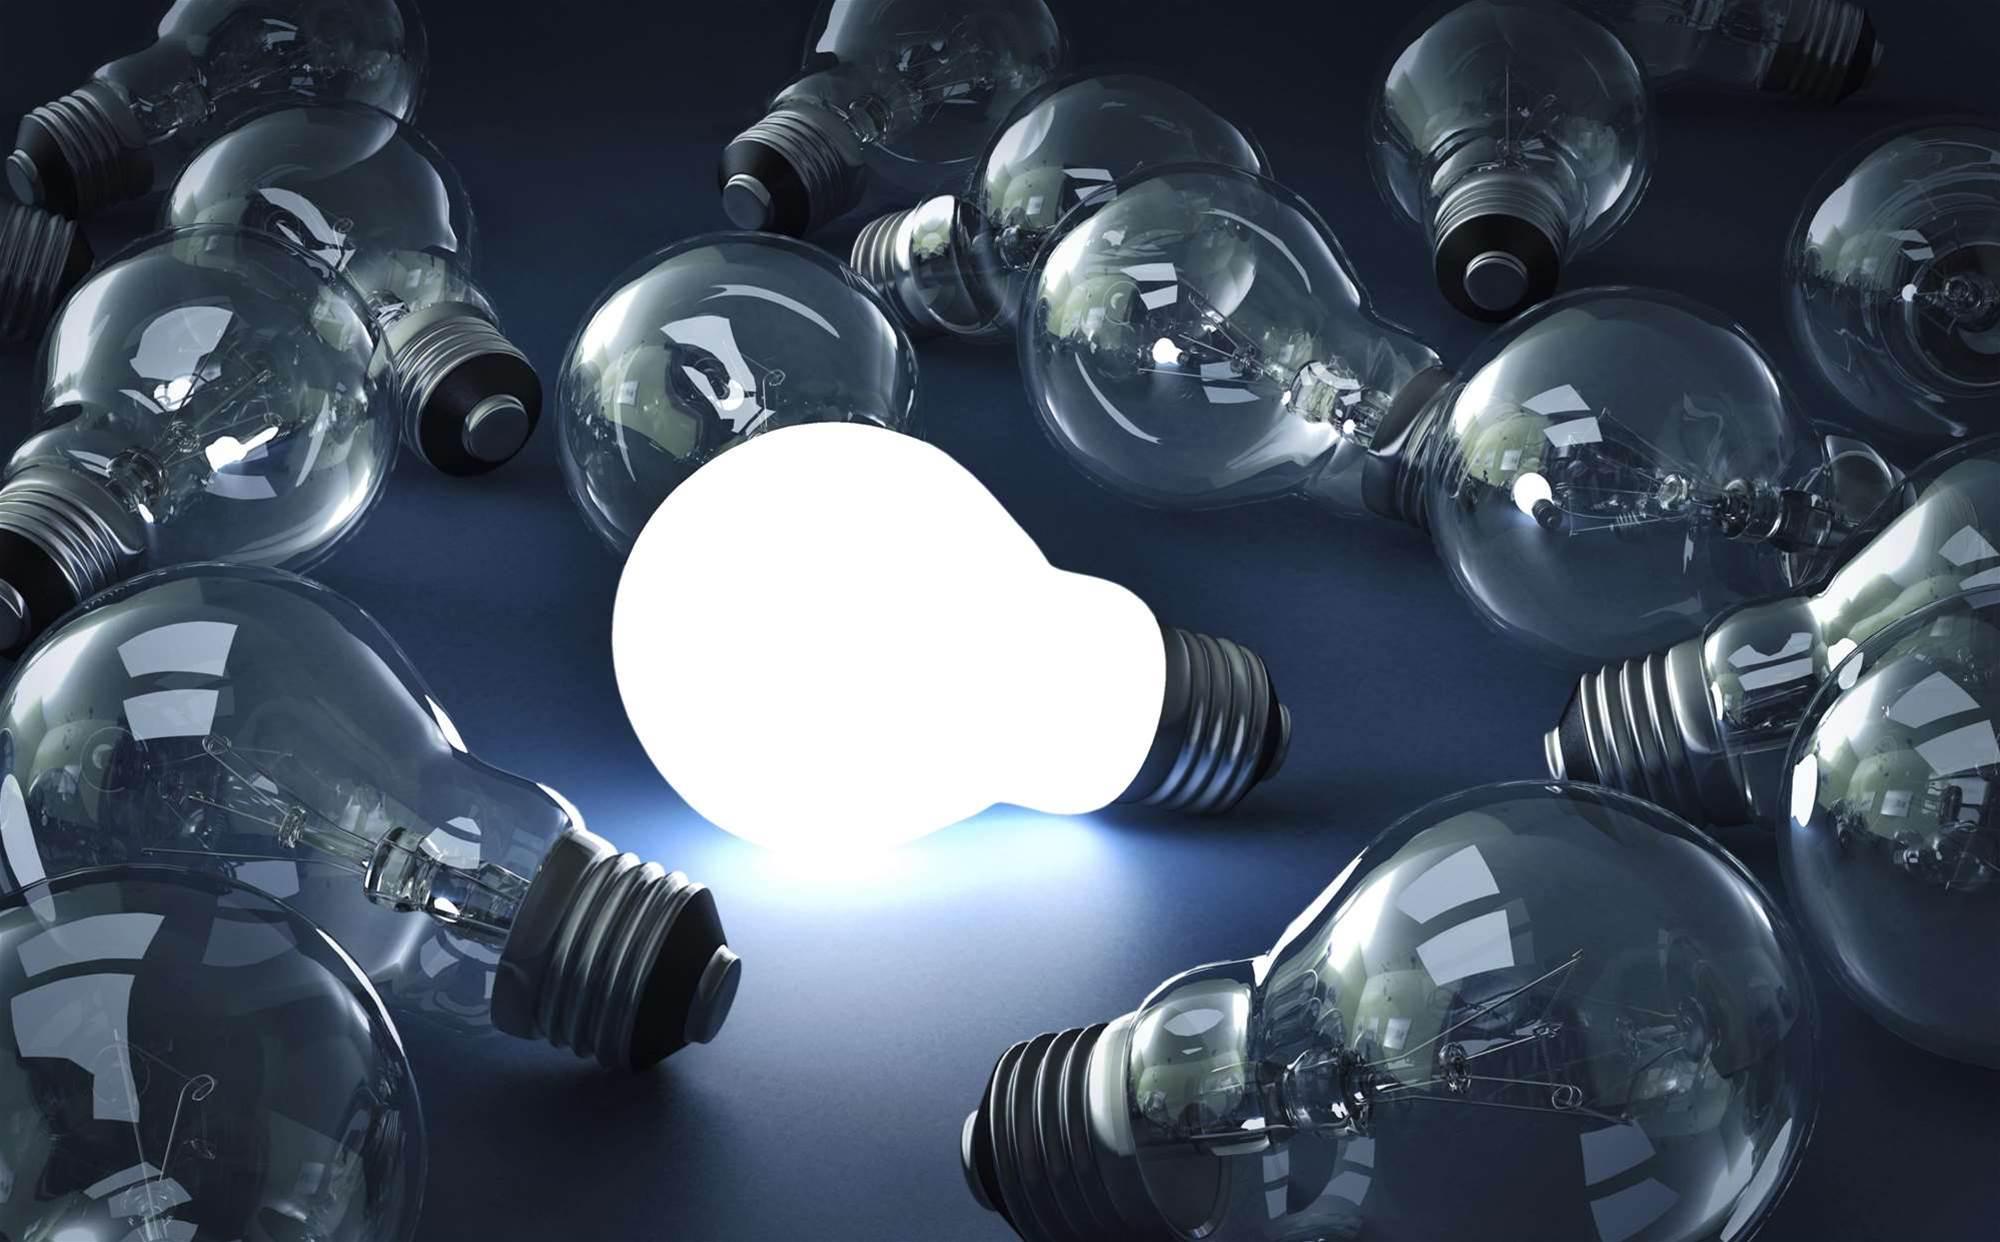 Start-up creates light-based data transfer system